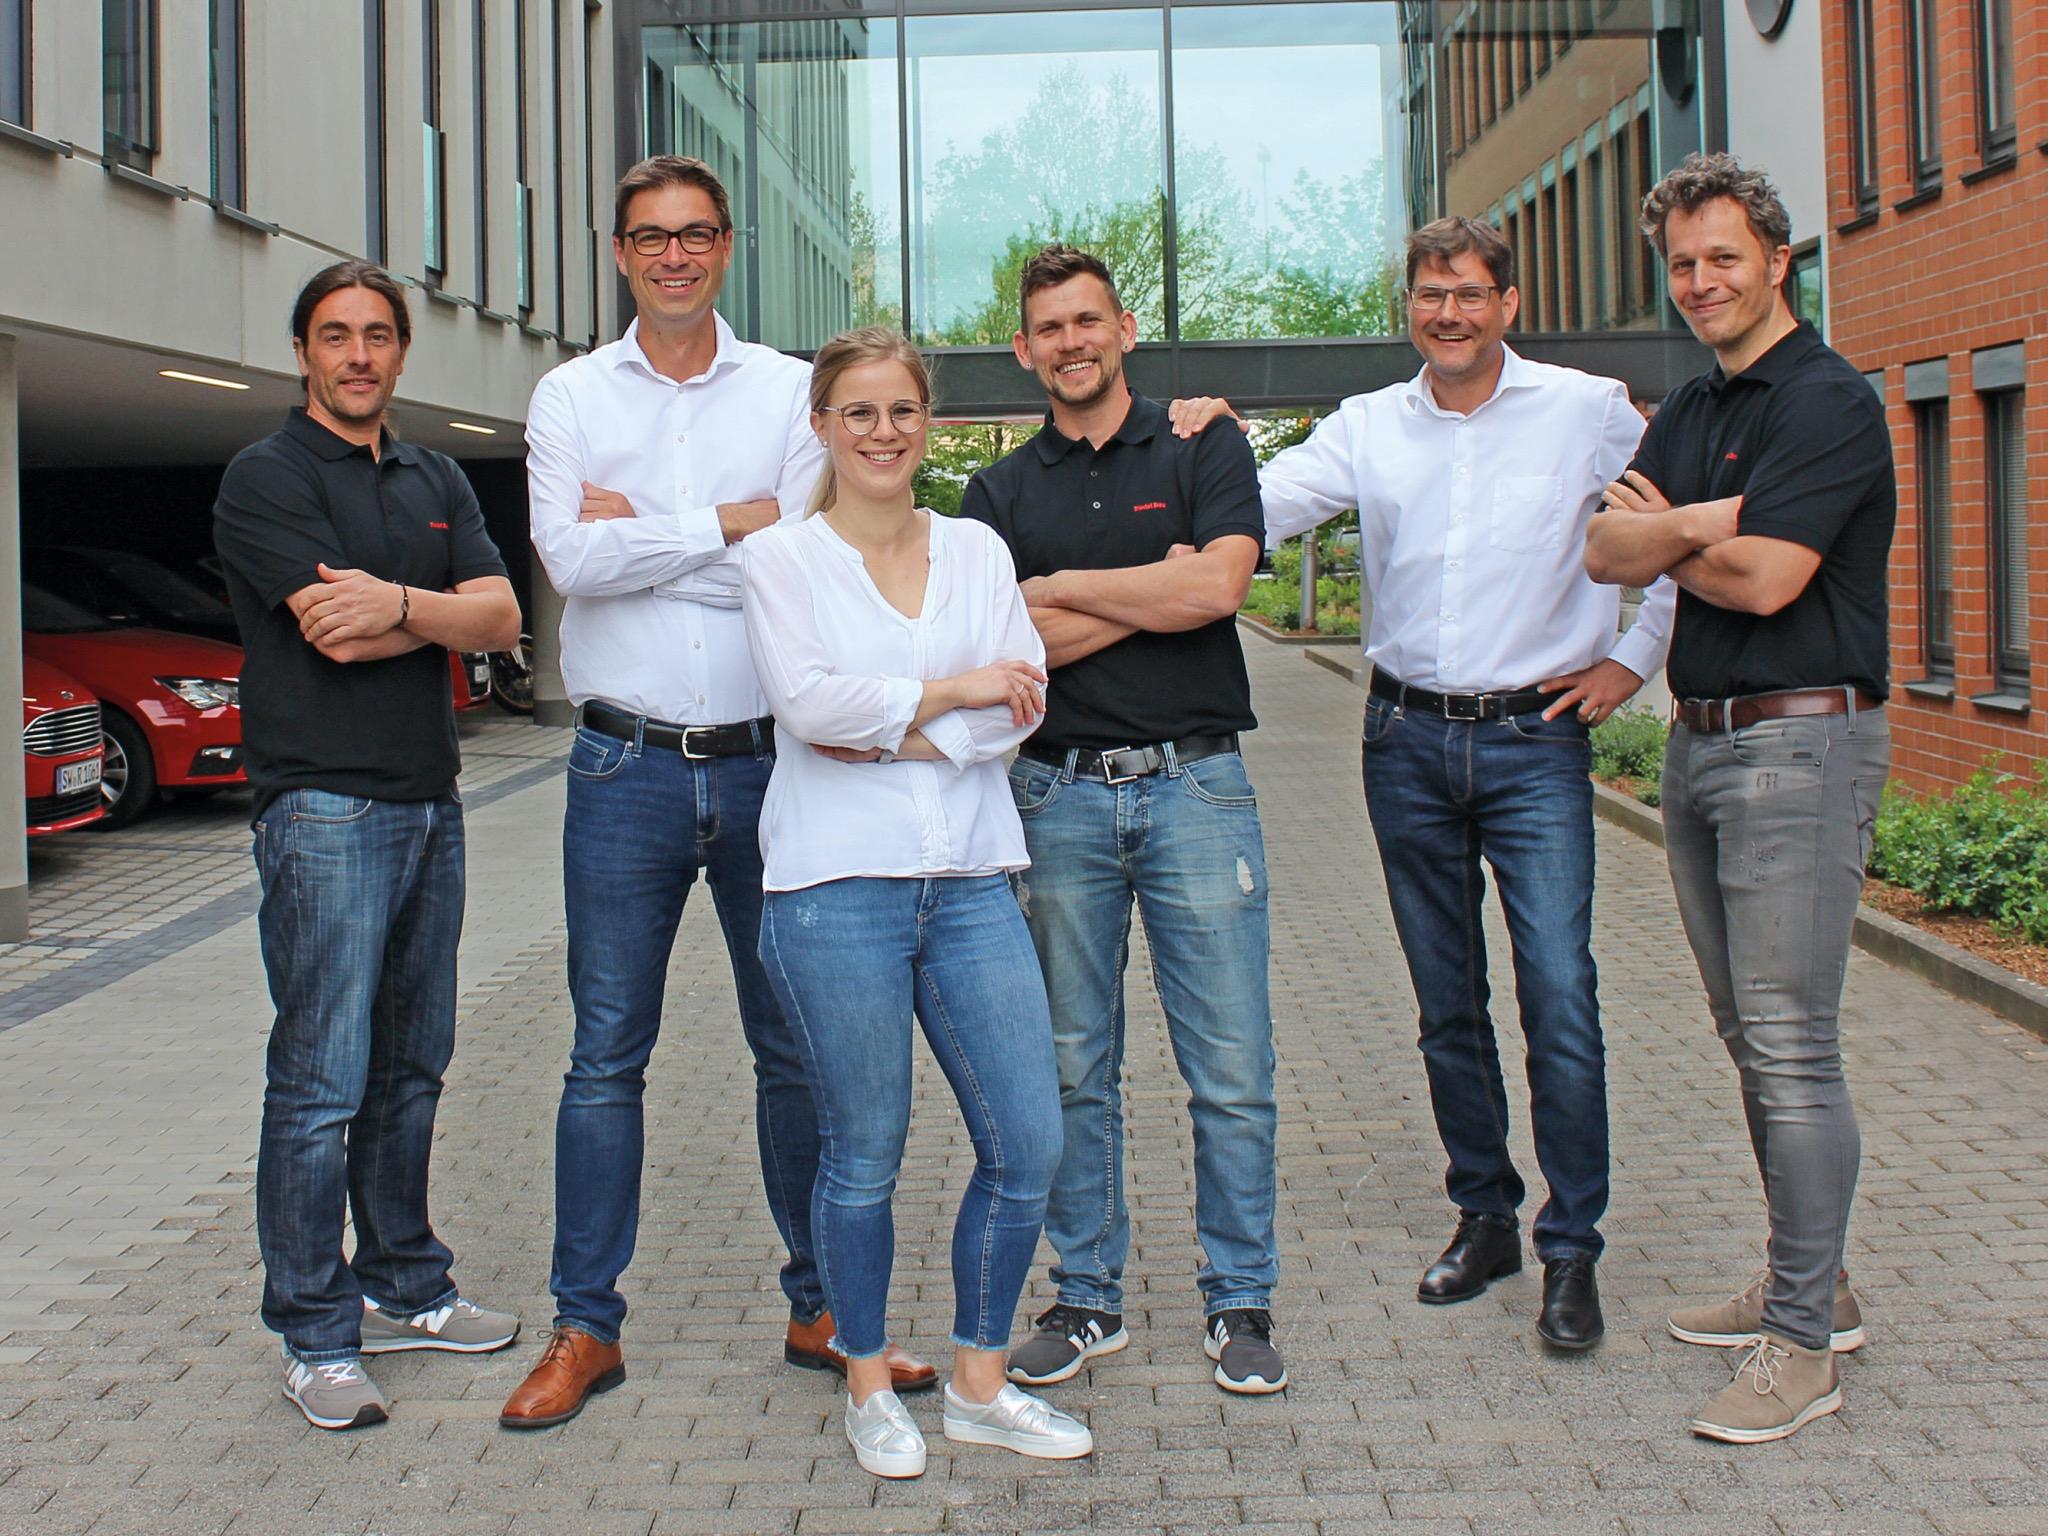 Das Ausbildungsteam von Riedel Bau (von links): Matthias Schlechter, Matthias Garbe, Antonia Waider, Marcel Keller, Martin Schlereth und Mark Bunge. Foto: Riedel Bau